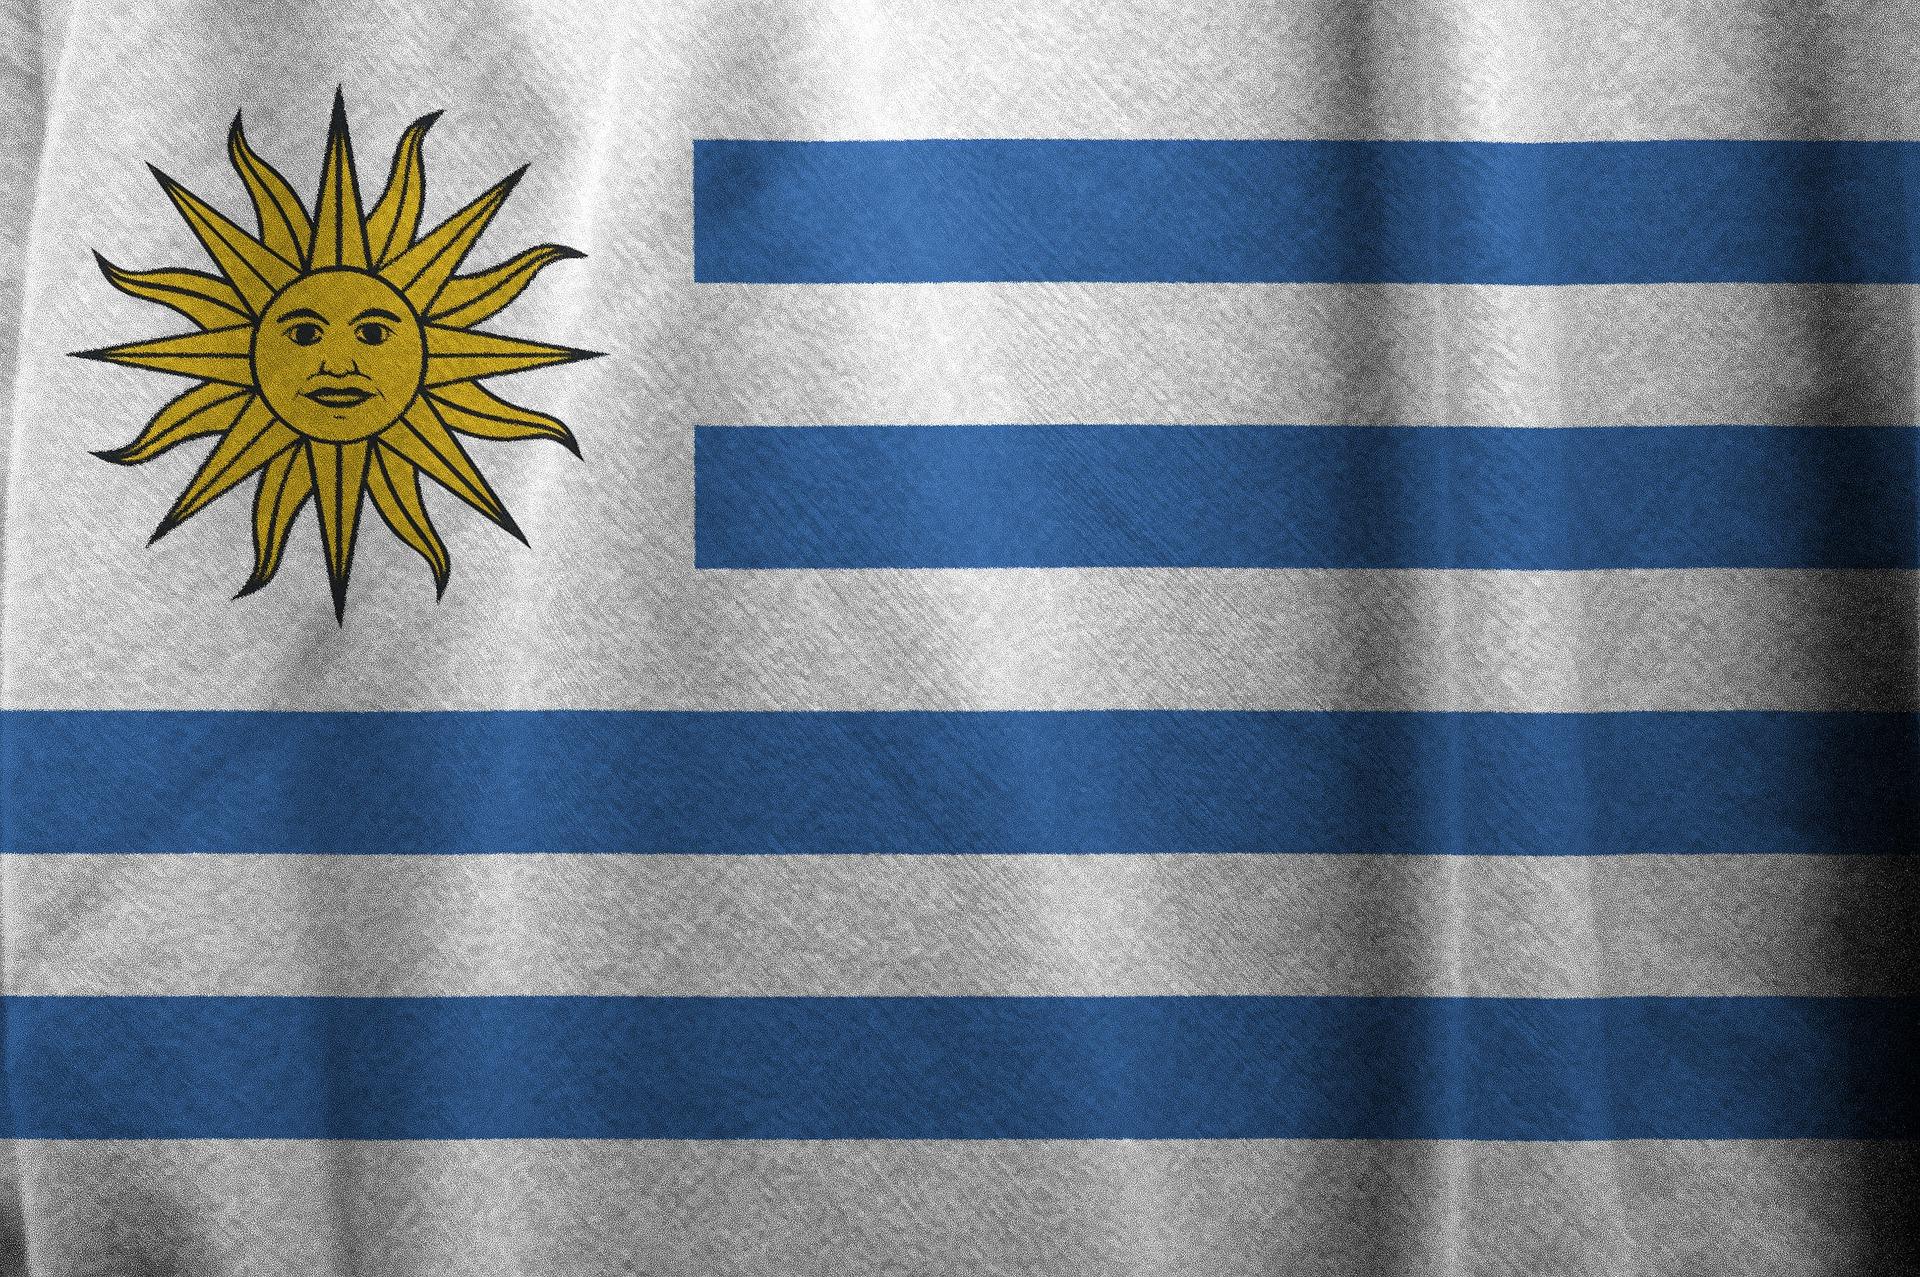 Trademark registration Uruguay